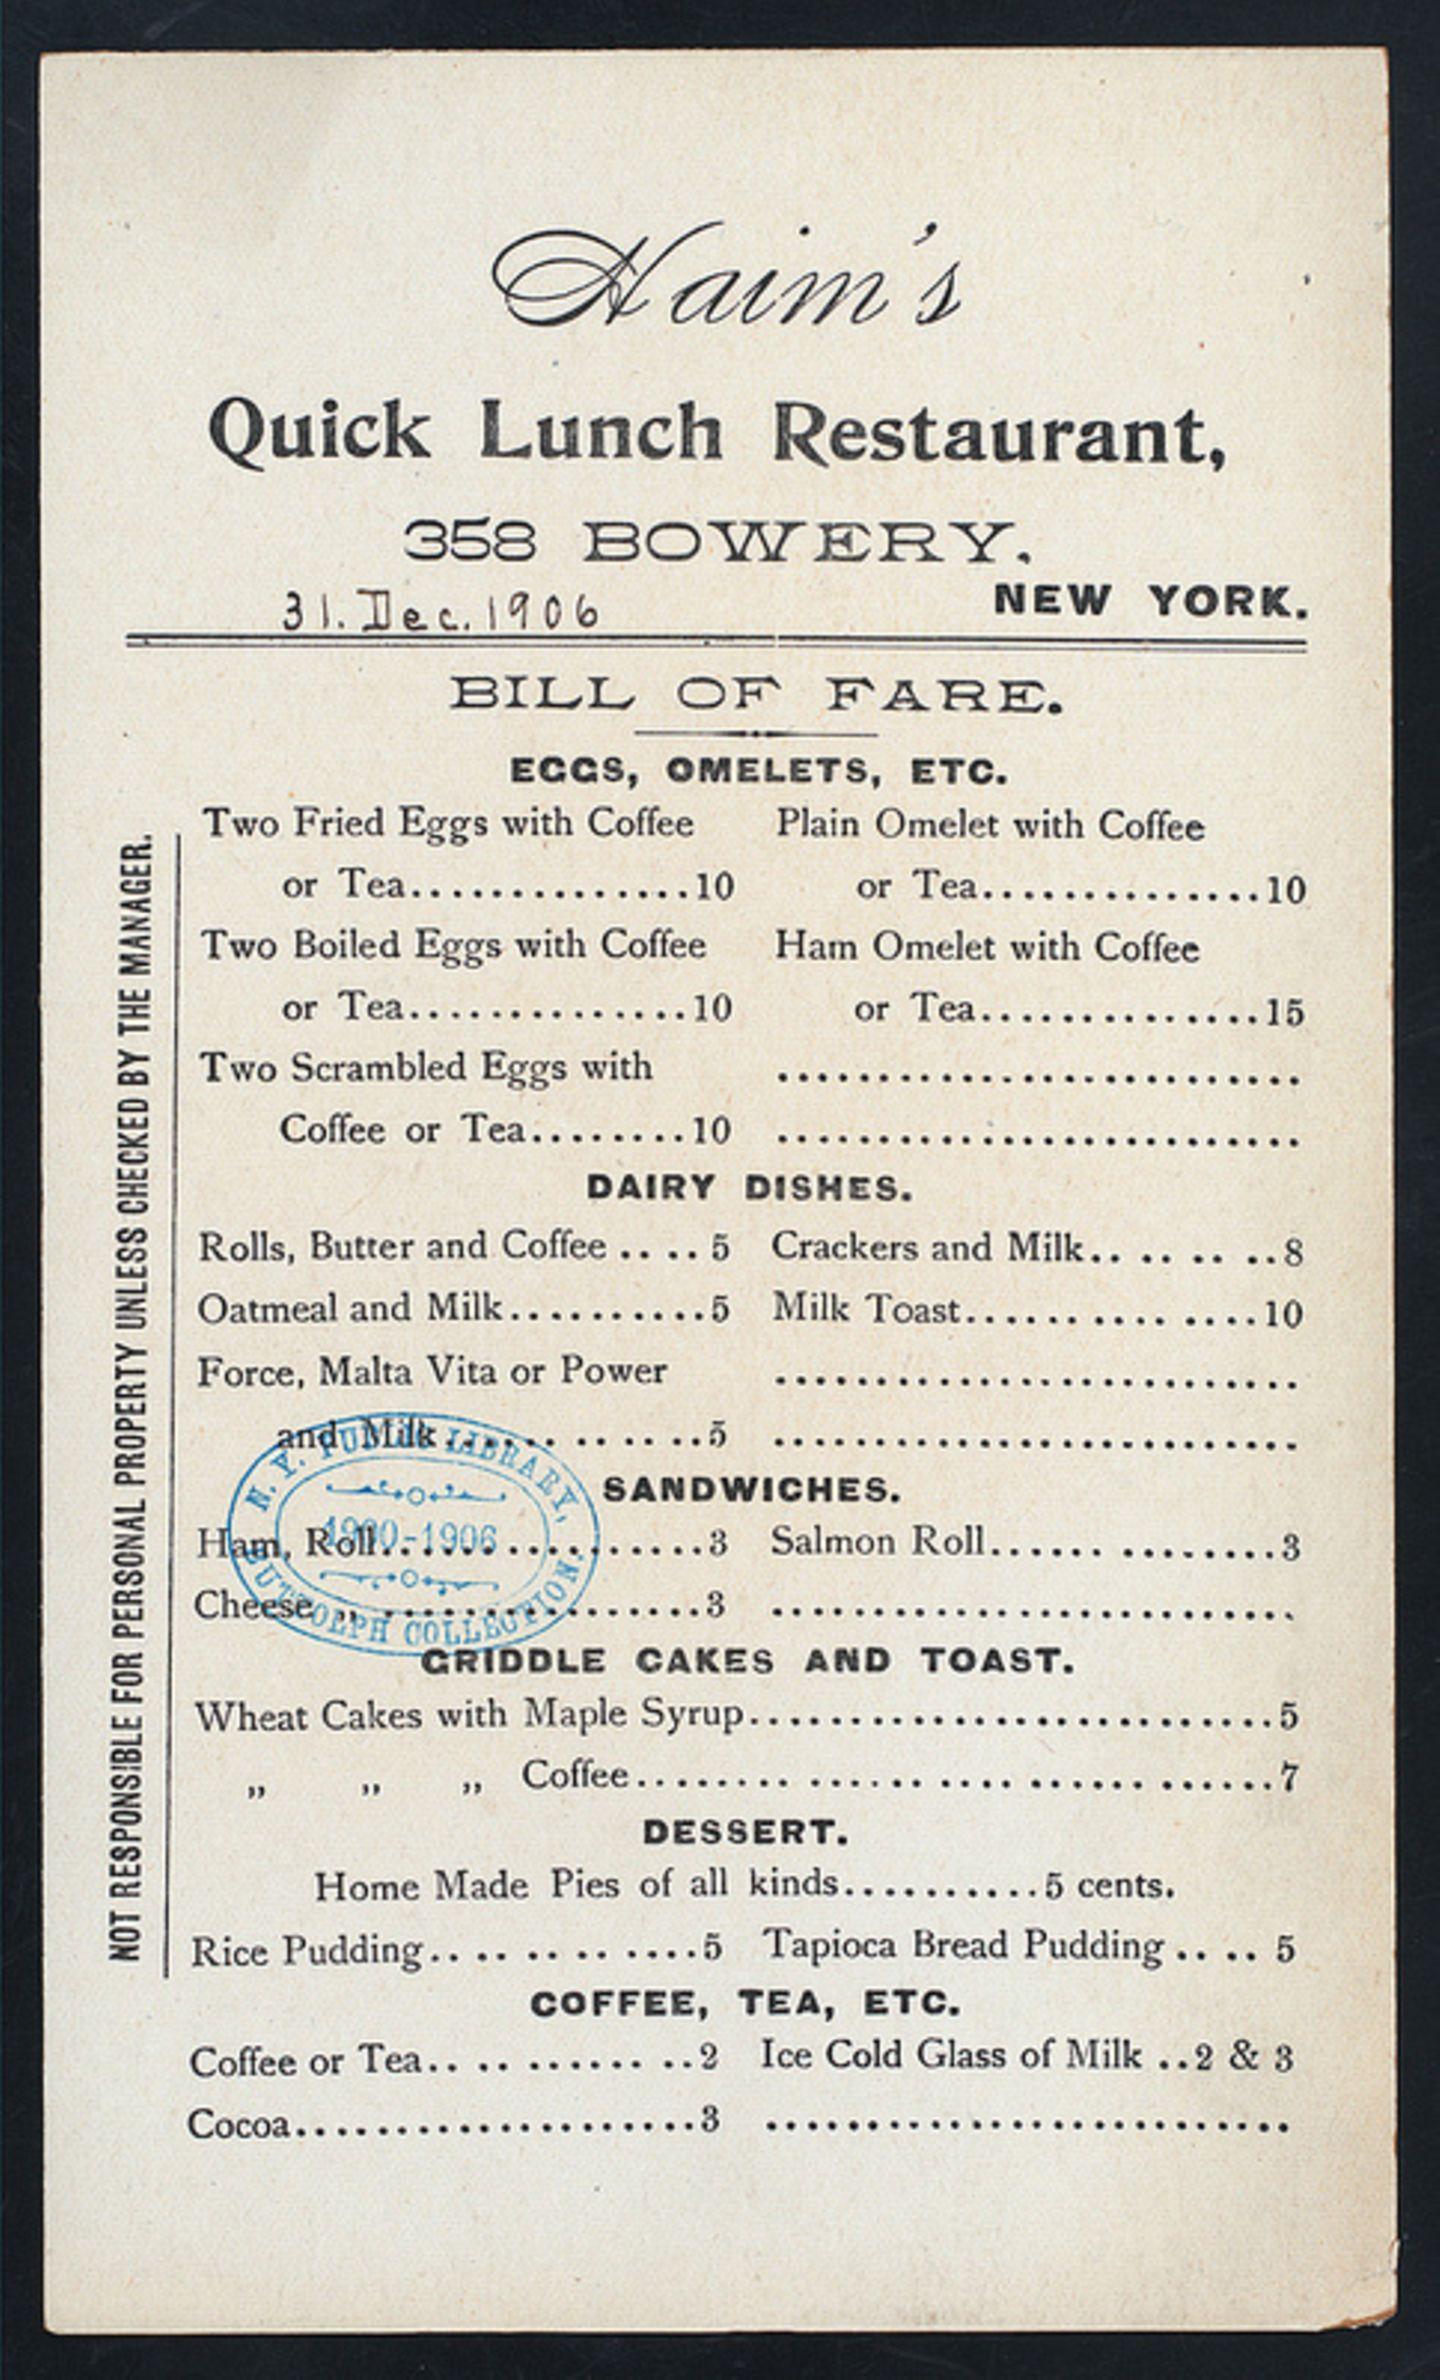 Speisekarte von 1906